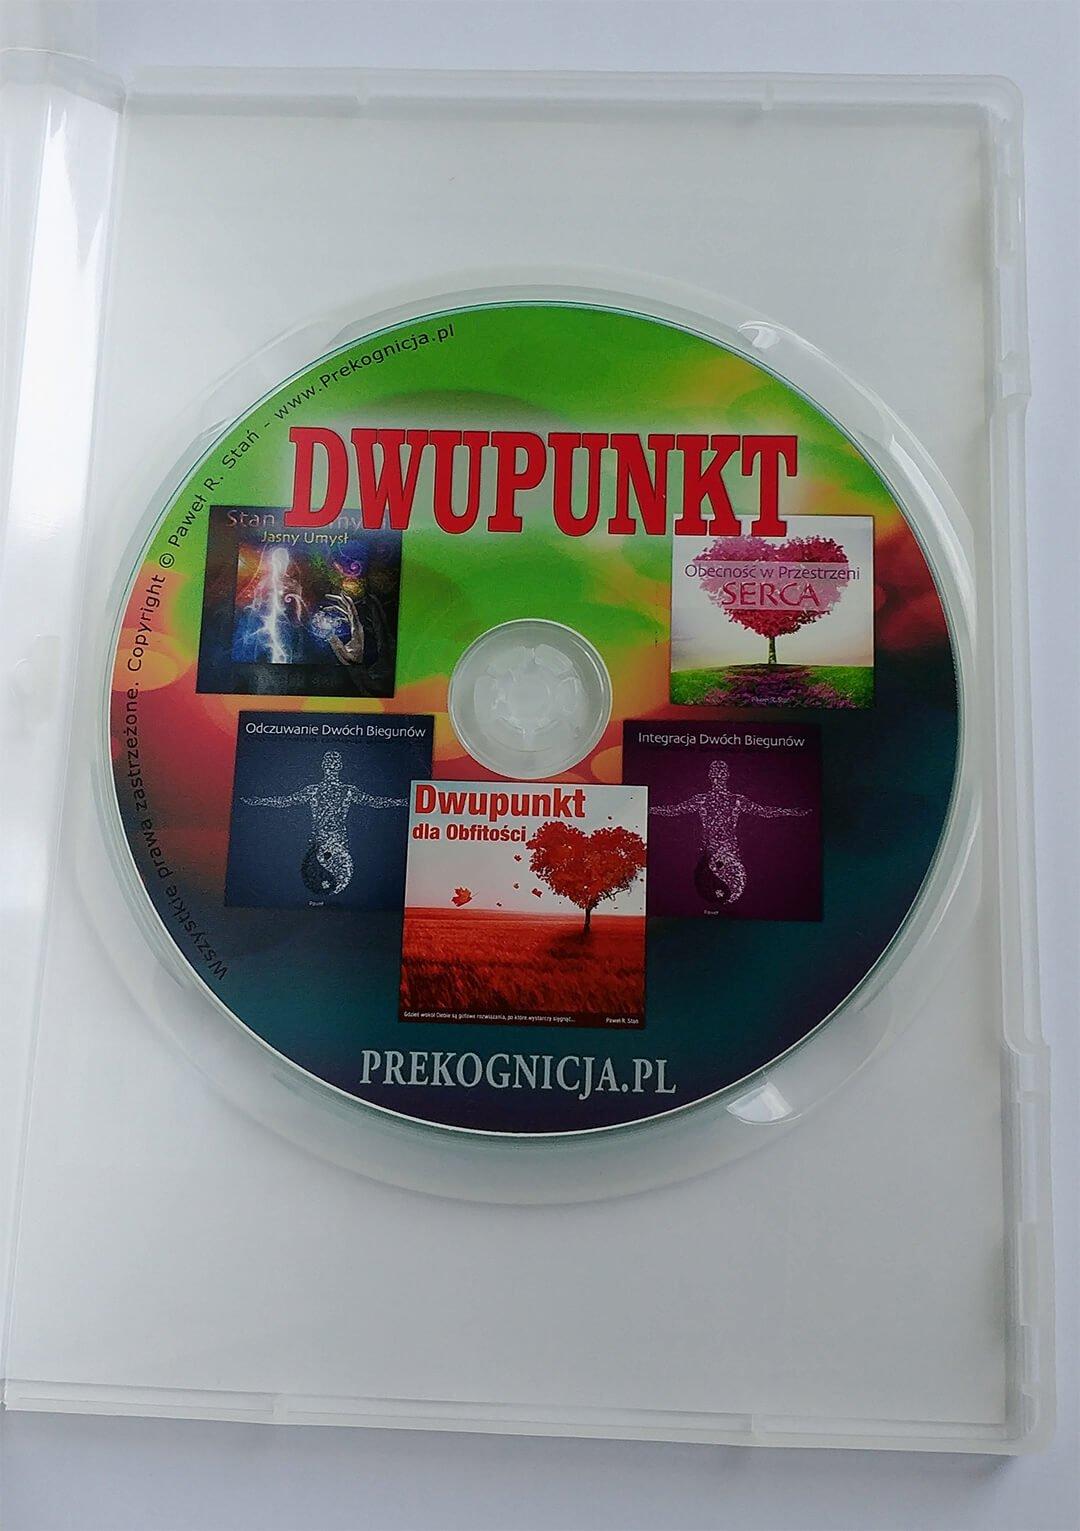 Metoda dwpunktowa - medytacja dla dwupunktu na CD